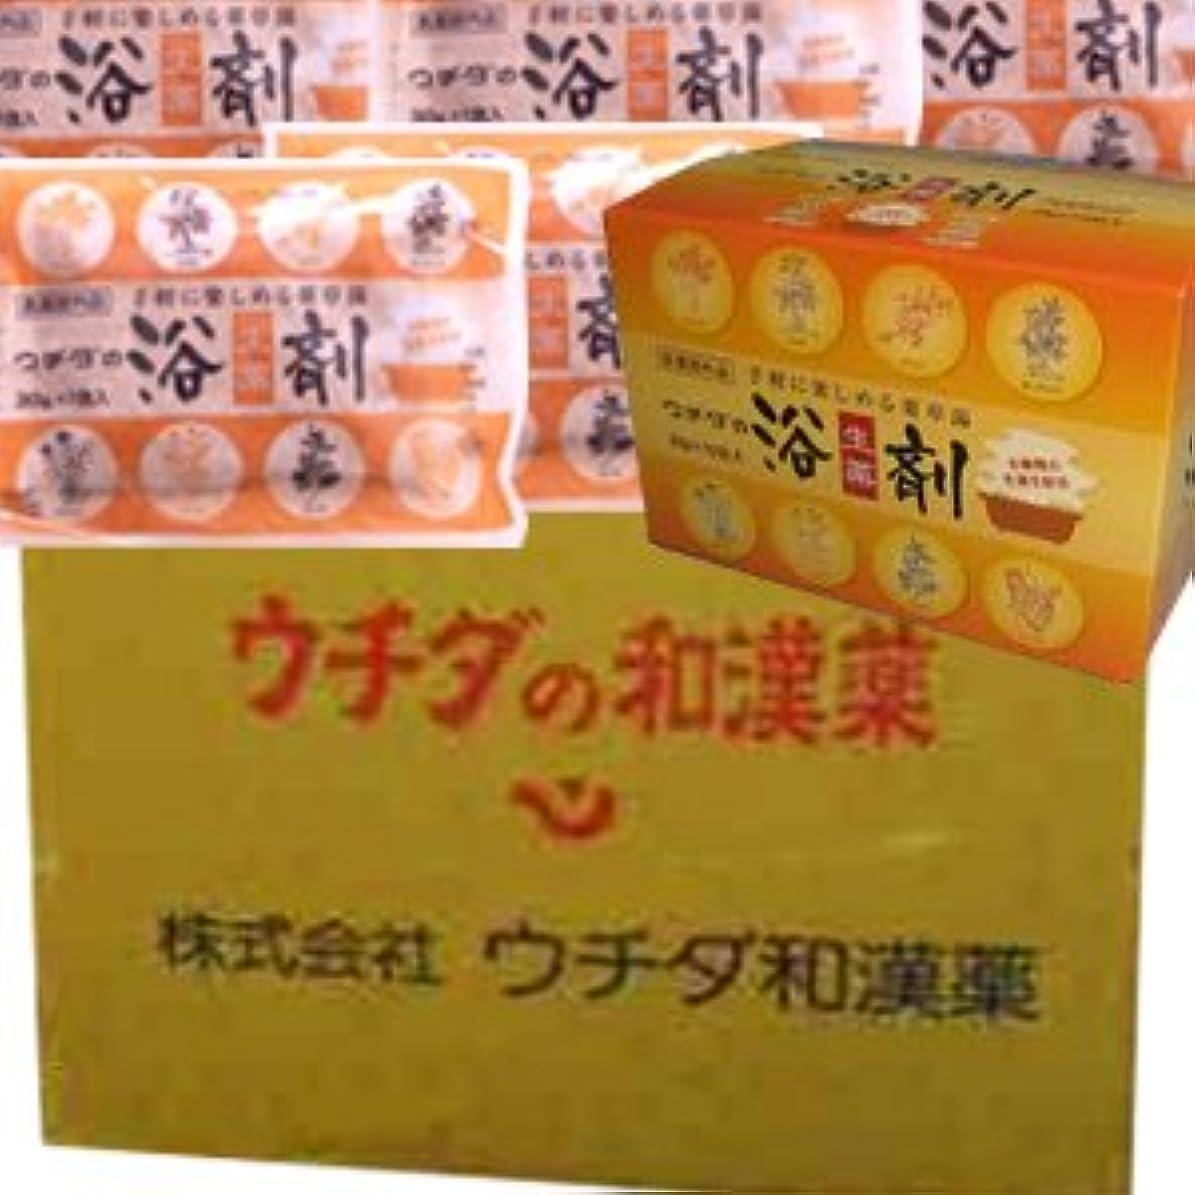 カンガルークラフト安心させる【12個1ケース】 ウチダの浴剤 30g×10袋入×12個+6袋 (4987359400025)